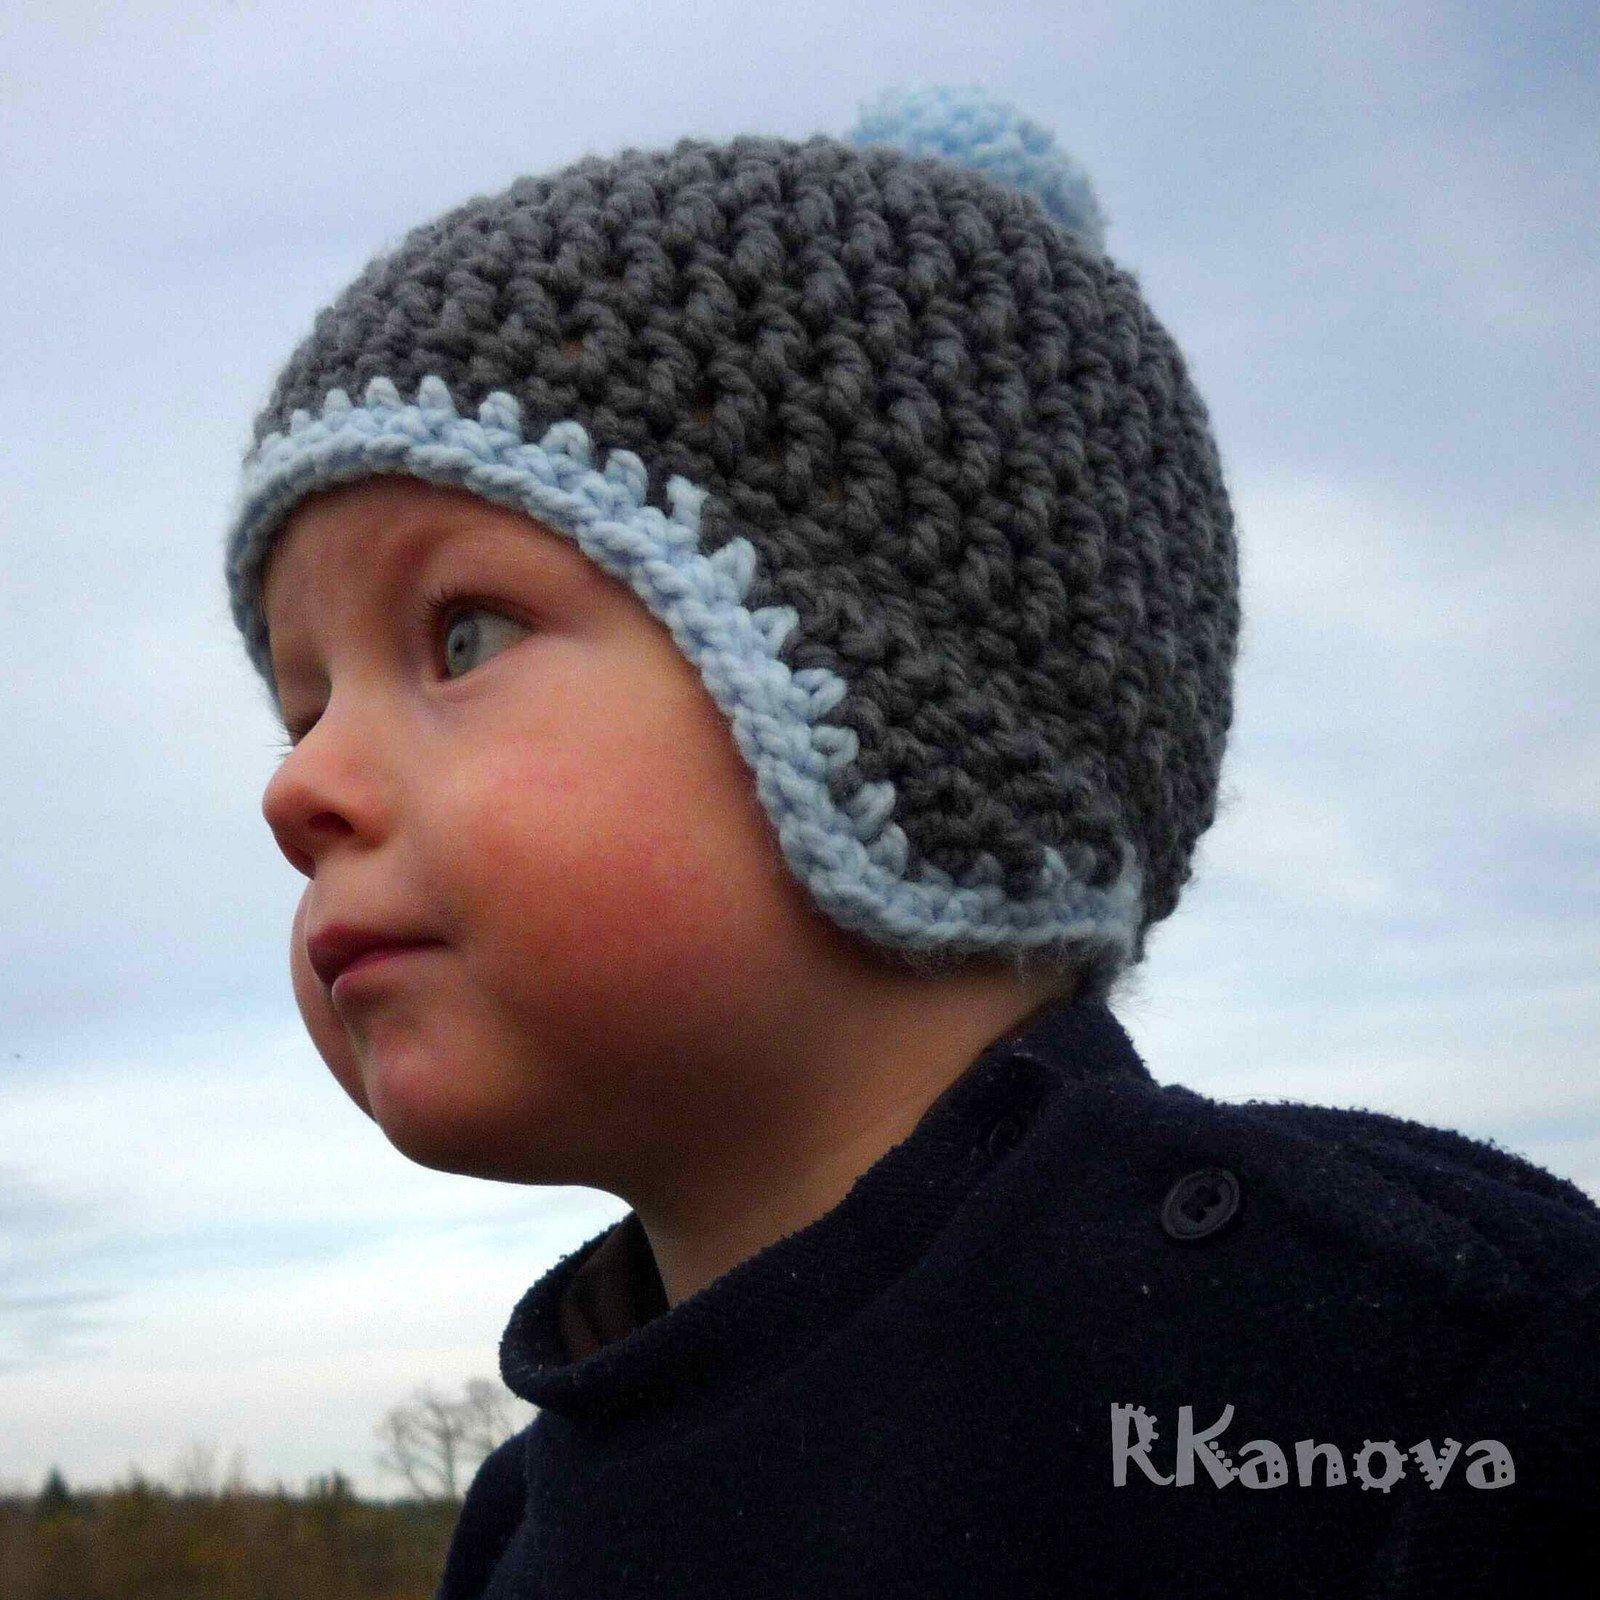 NÁVOD - Čepice - Dětský kulíšek Návod na háčkovanou čepici. Jednoduchý a  pečlivě rozepsaný. f63ee3c08e